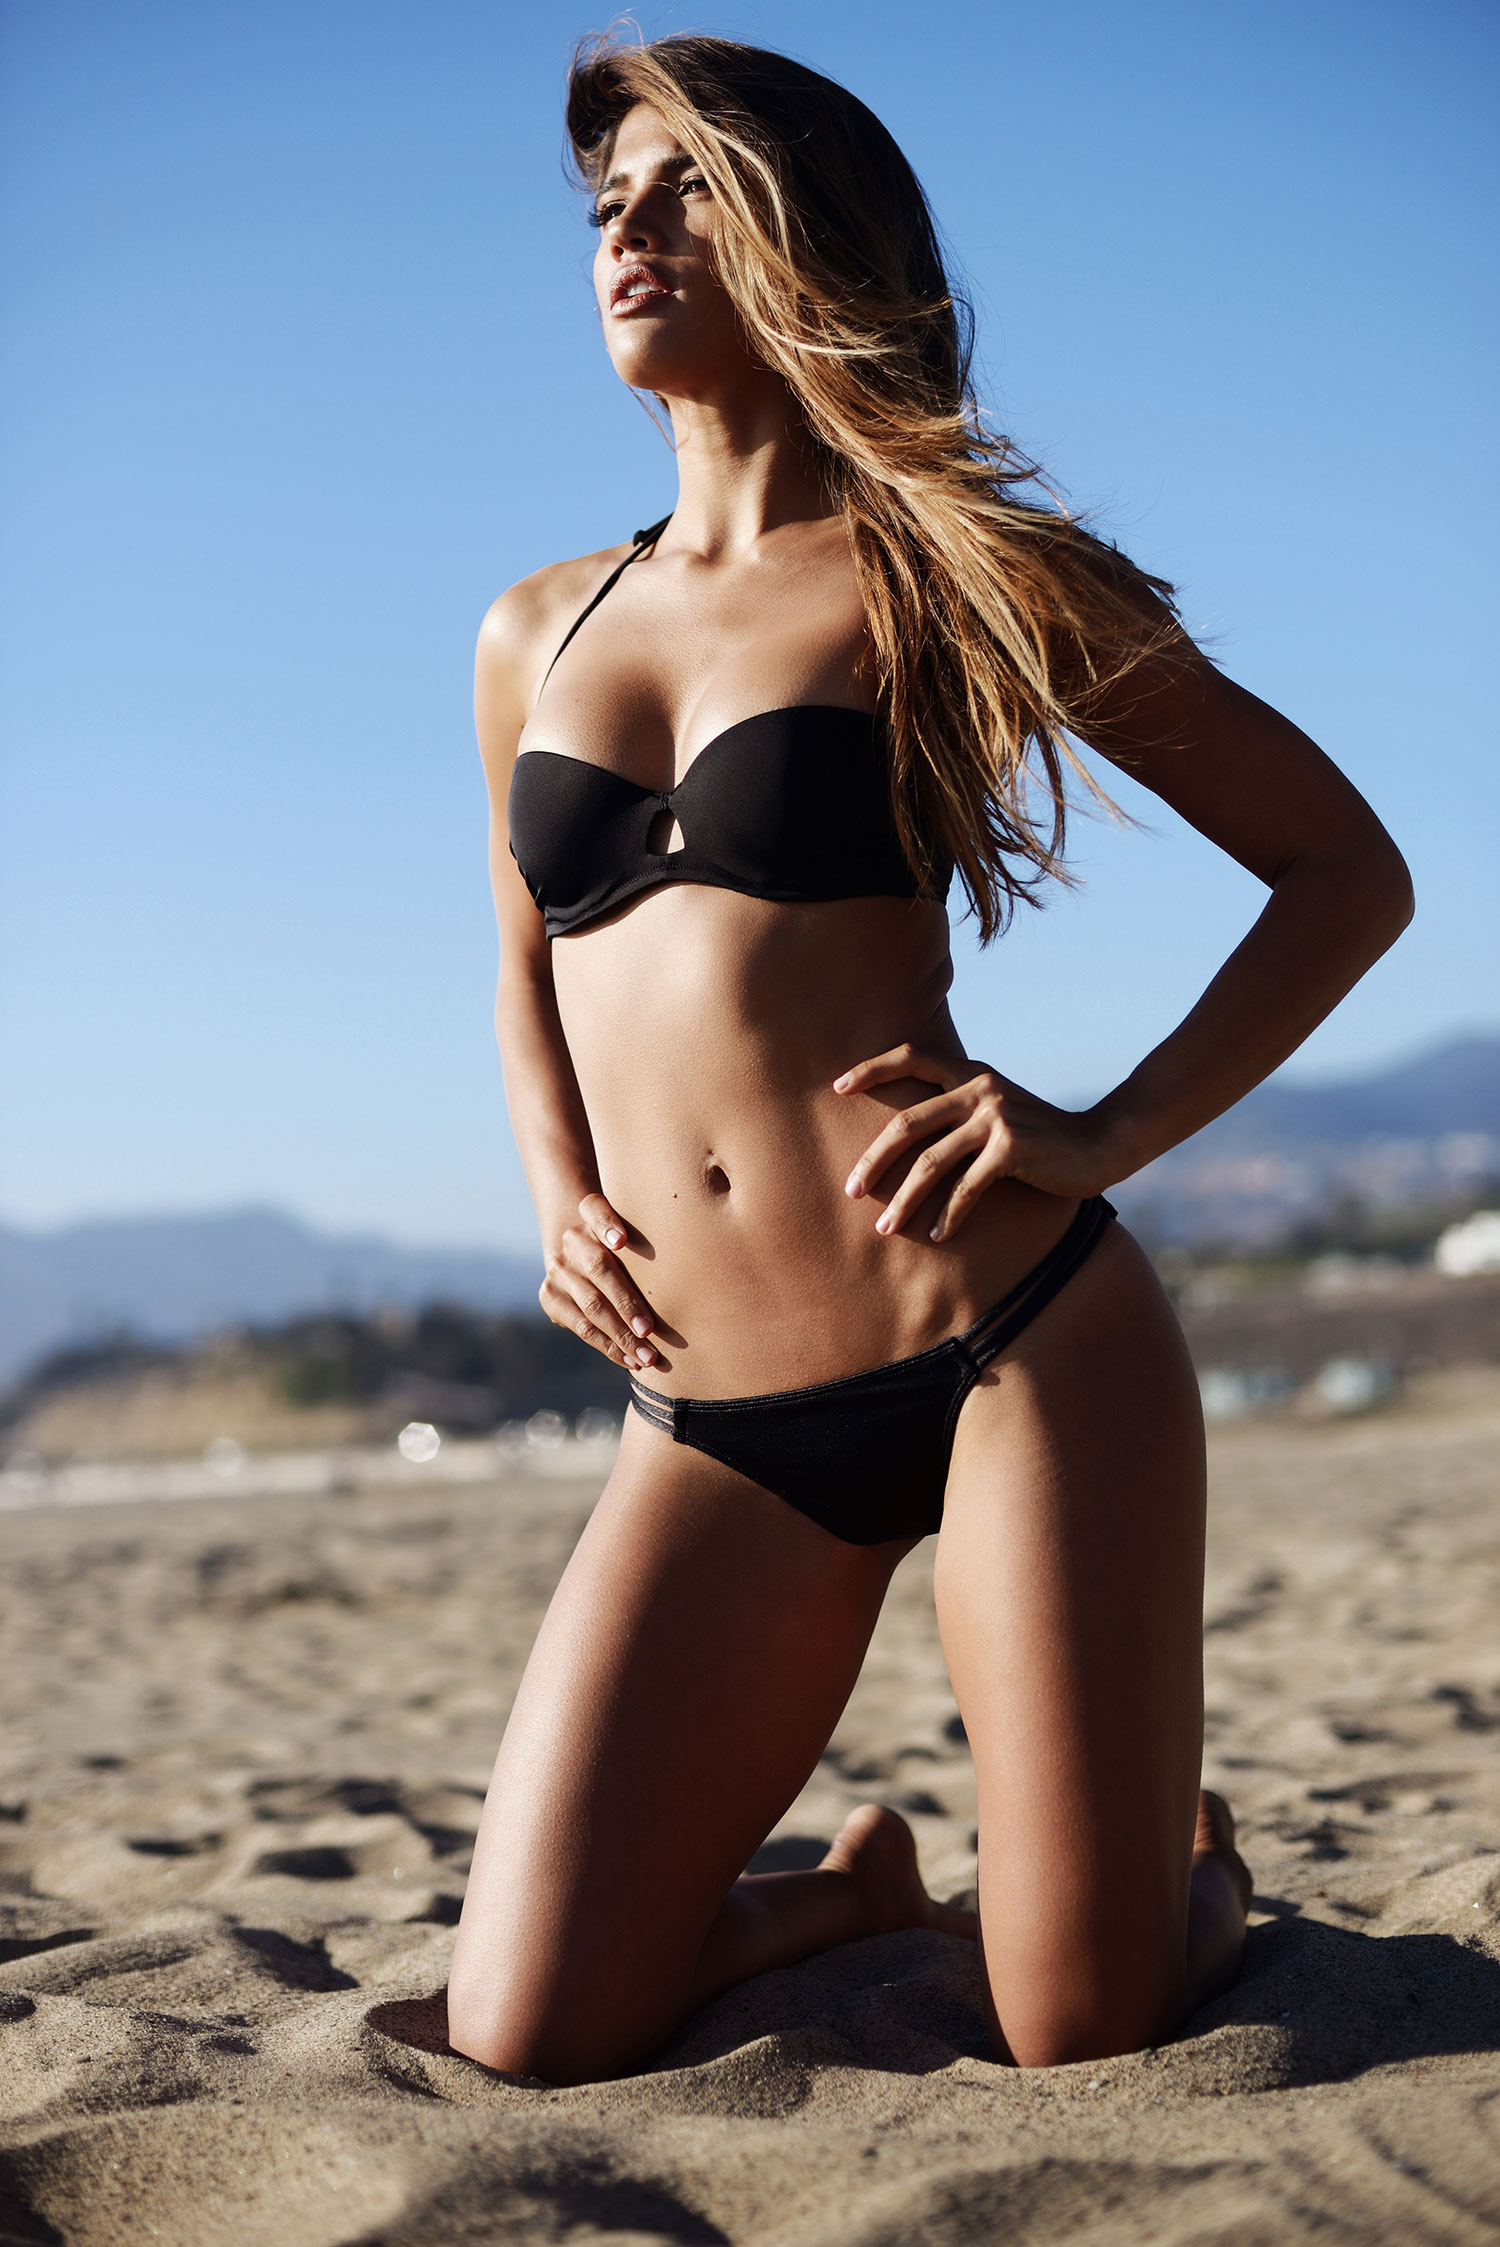 Bikini by Victoria's Secret